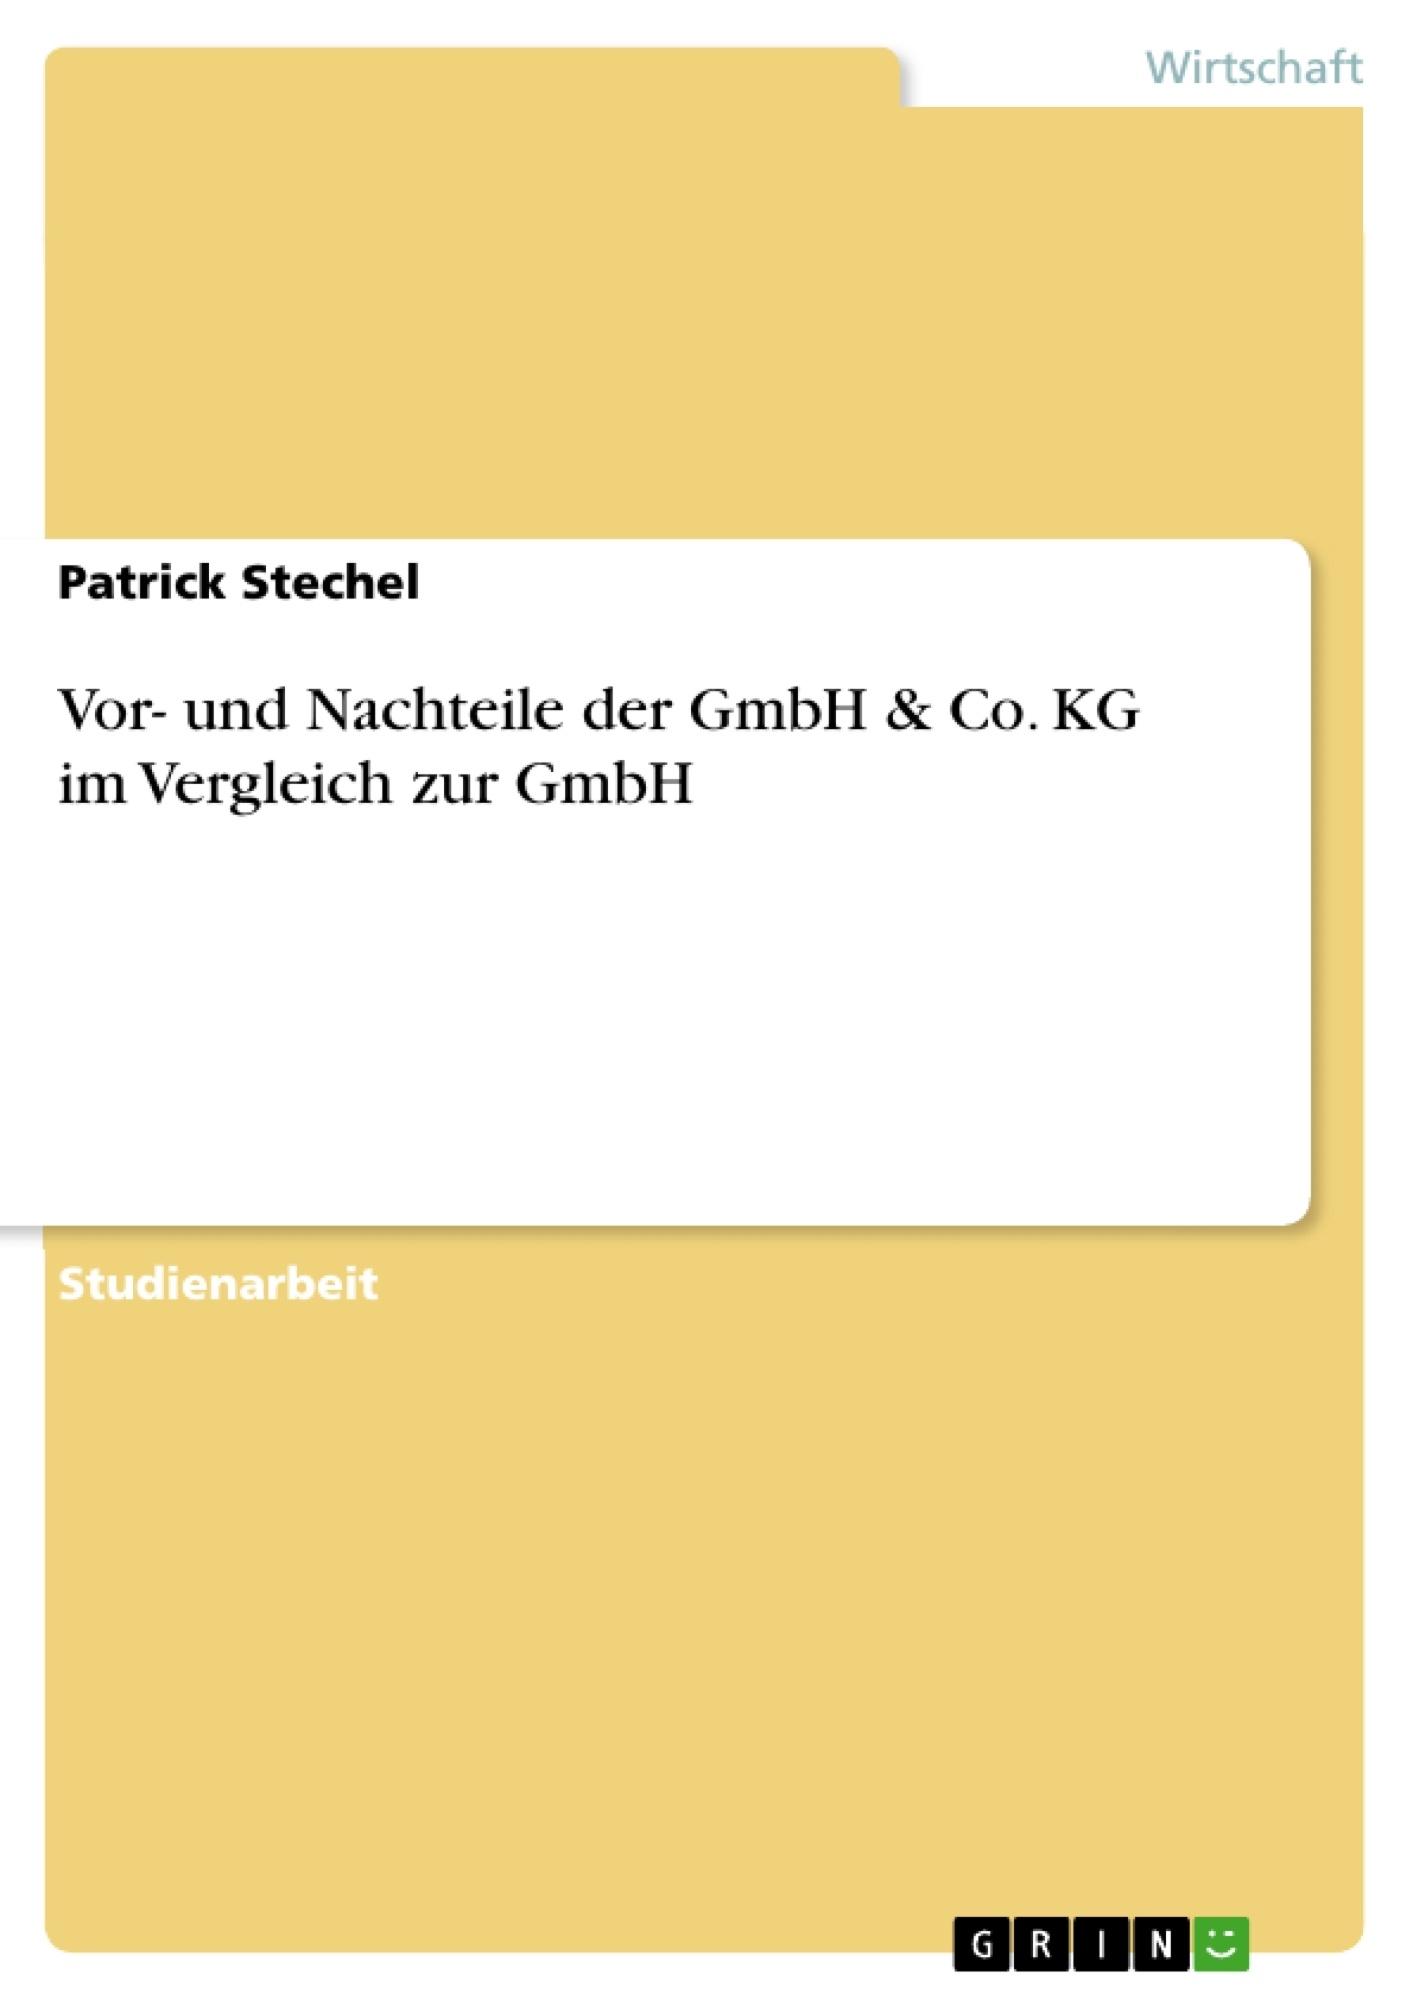 Titel: Vor- und Nachteile der GmbH & Co. KG im Vergleich zur GmbH